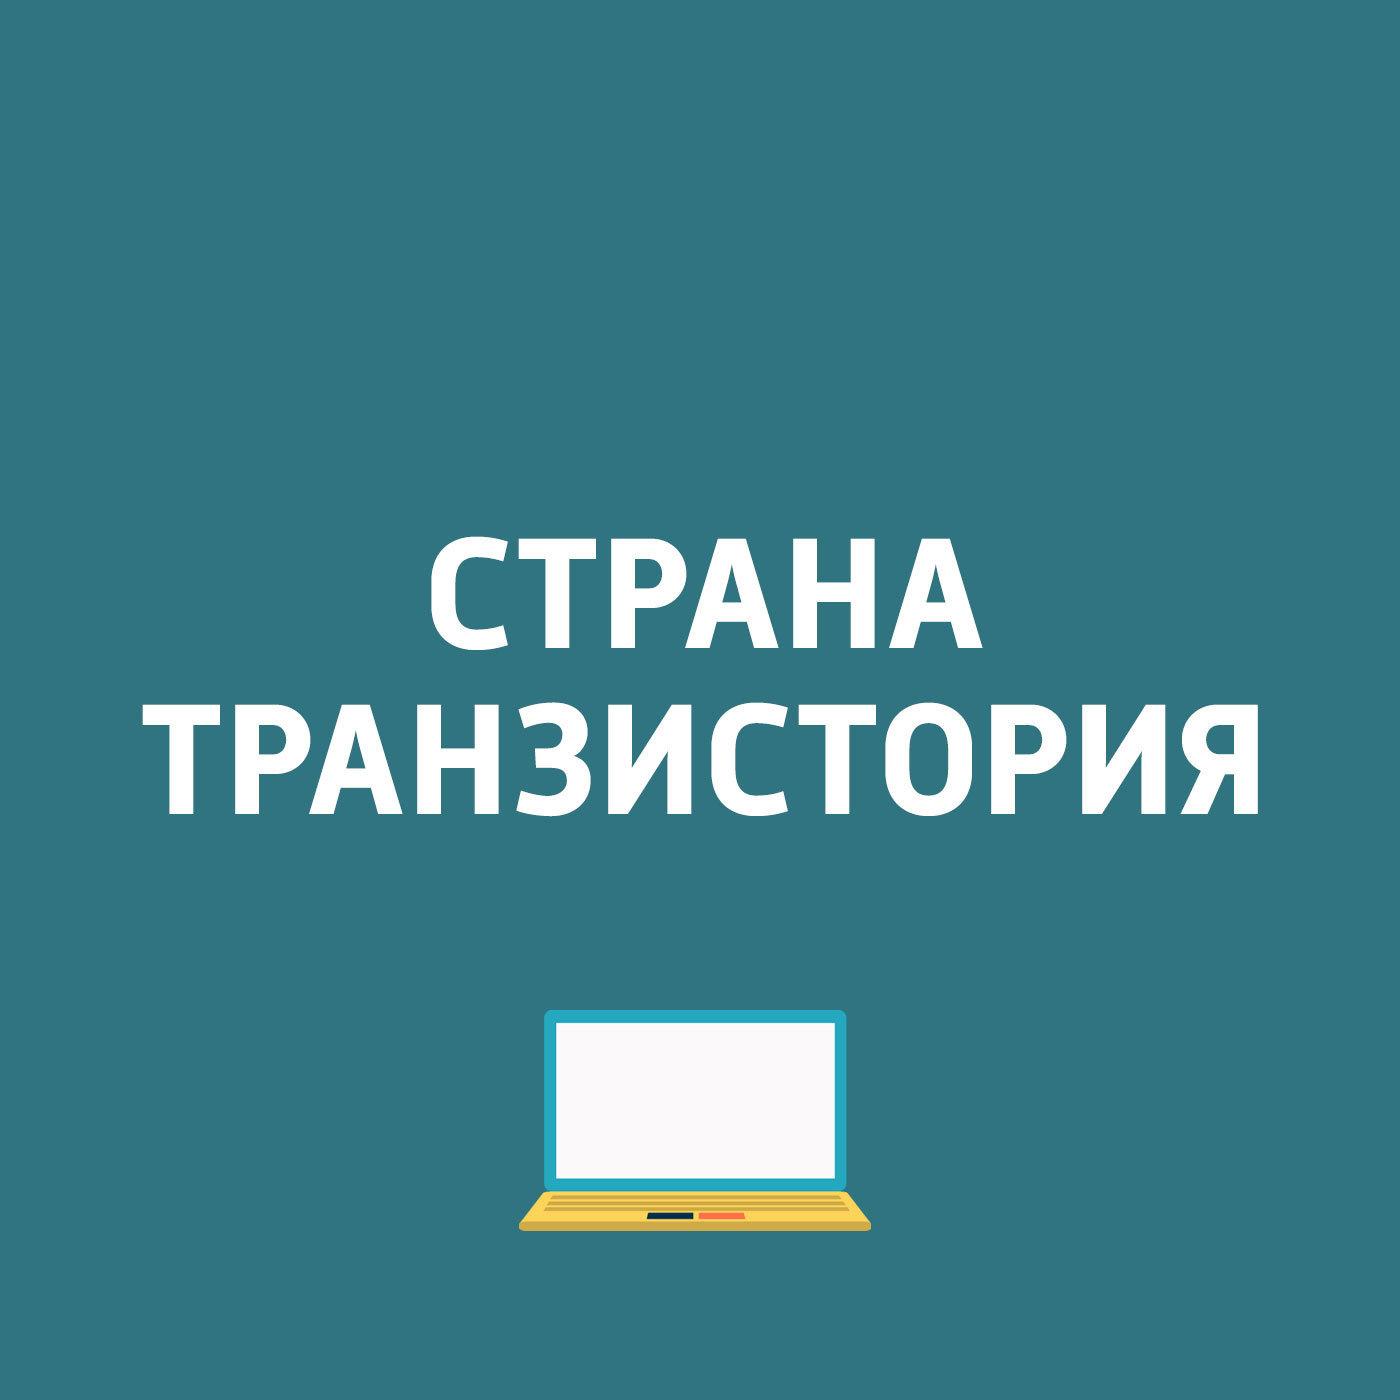 Картаев Павел Начало продаж в России Y5 Prime 2018; Viber внедряет онлайн-шоппинг; Surface под кодовым названием Andromeda; Объявлены победители Game Critic Awards 2018 microsoft surface book